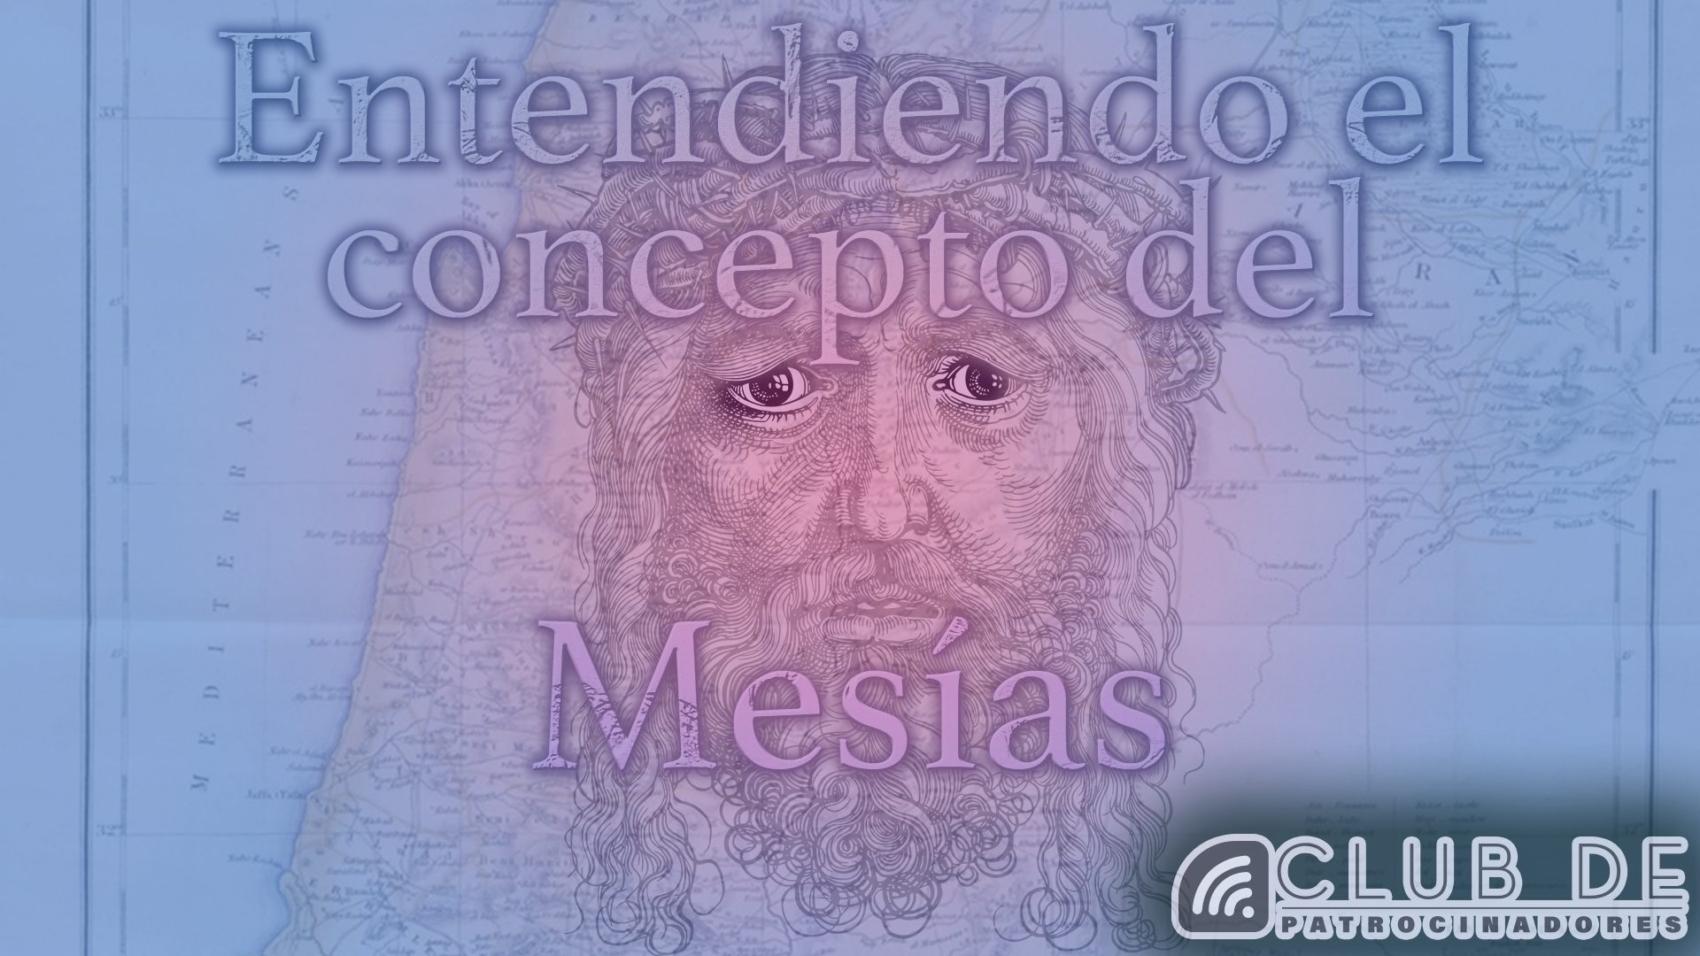 CP_39 -entendiendo el concepto del mesias